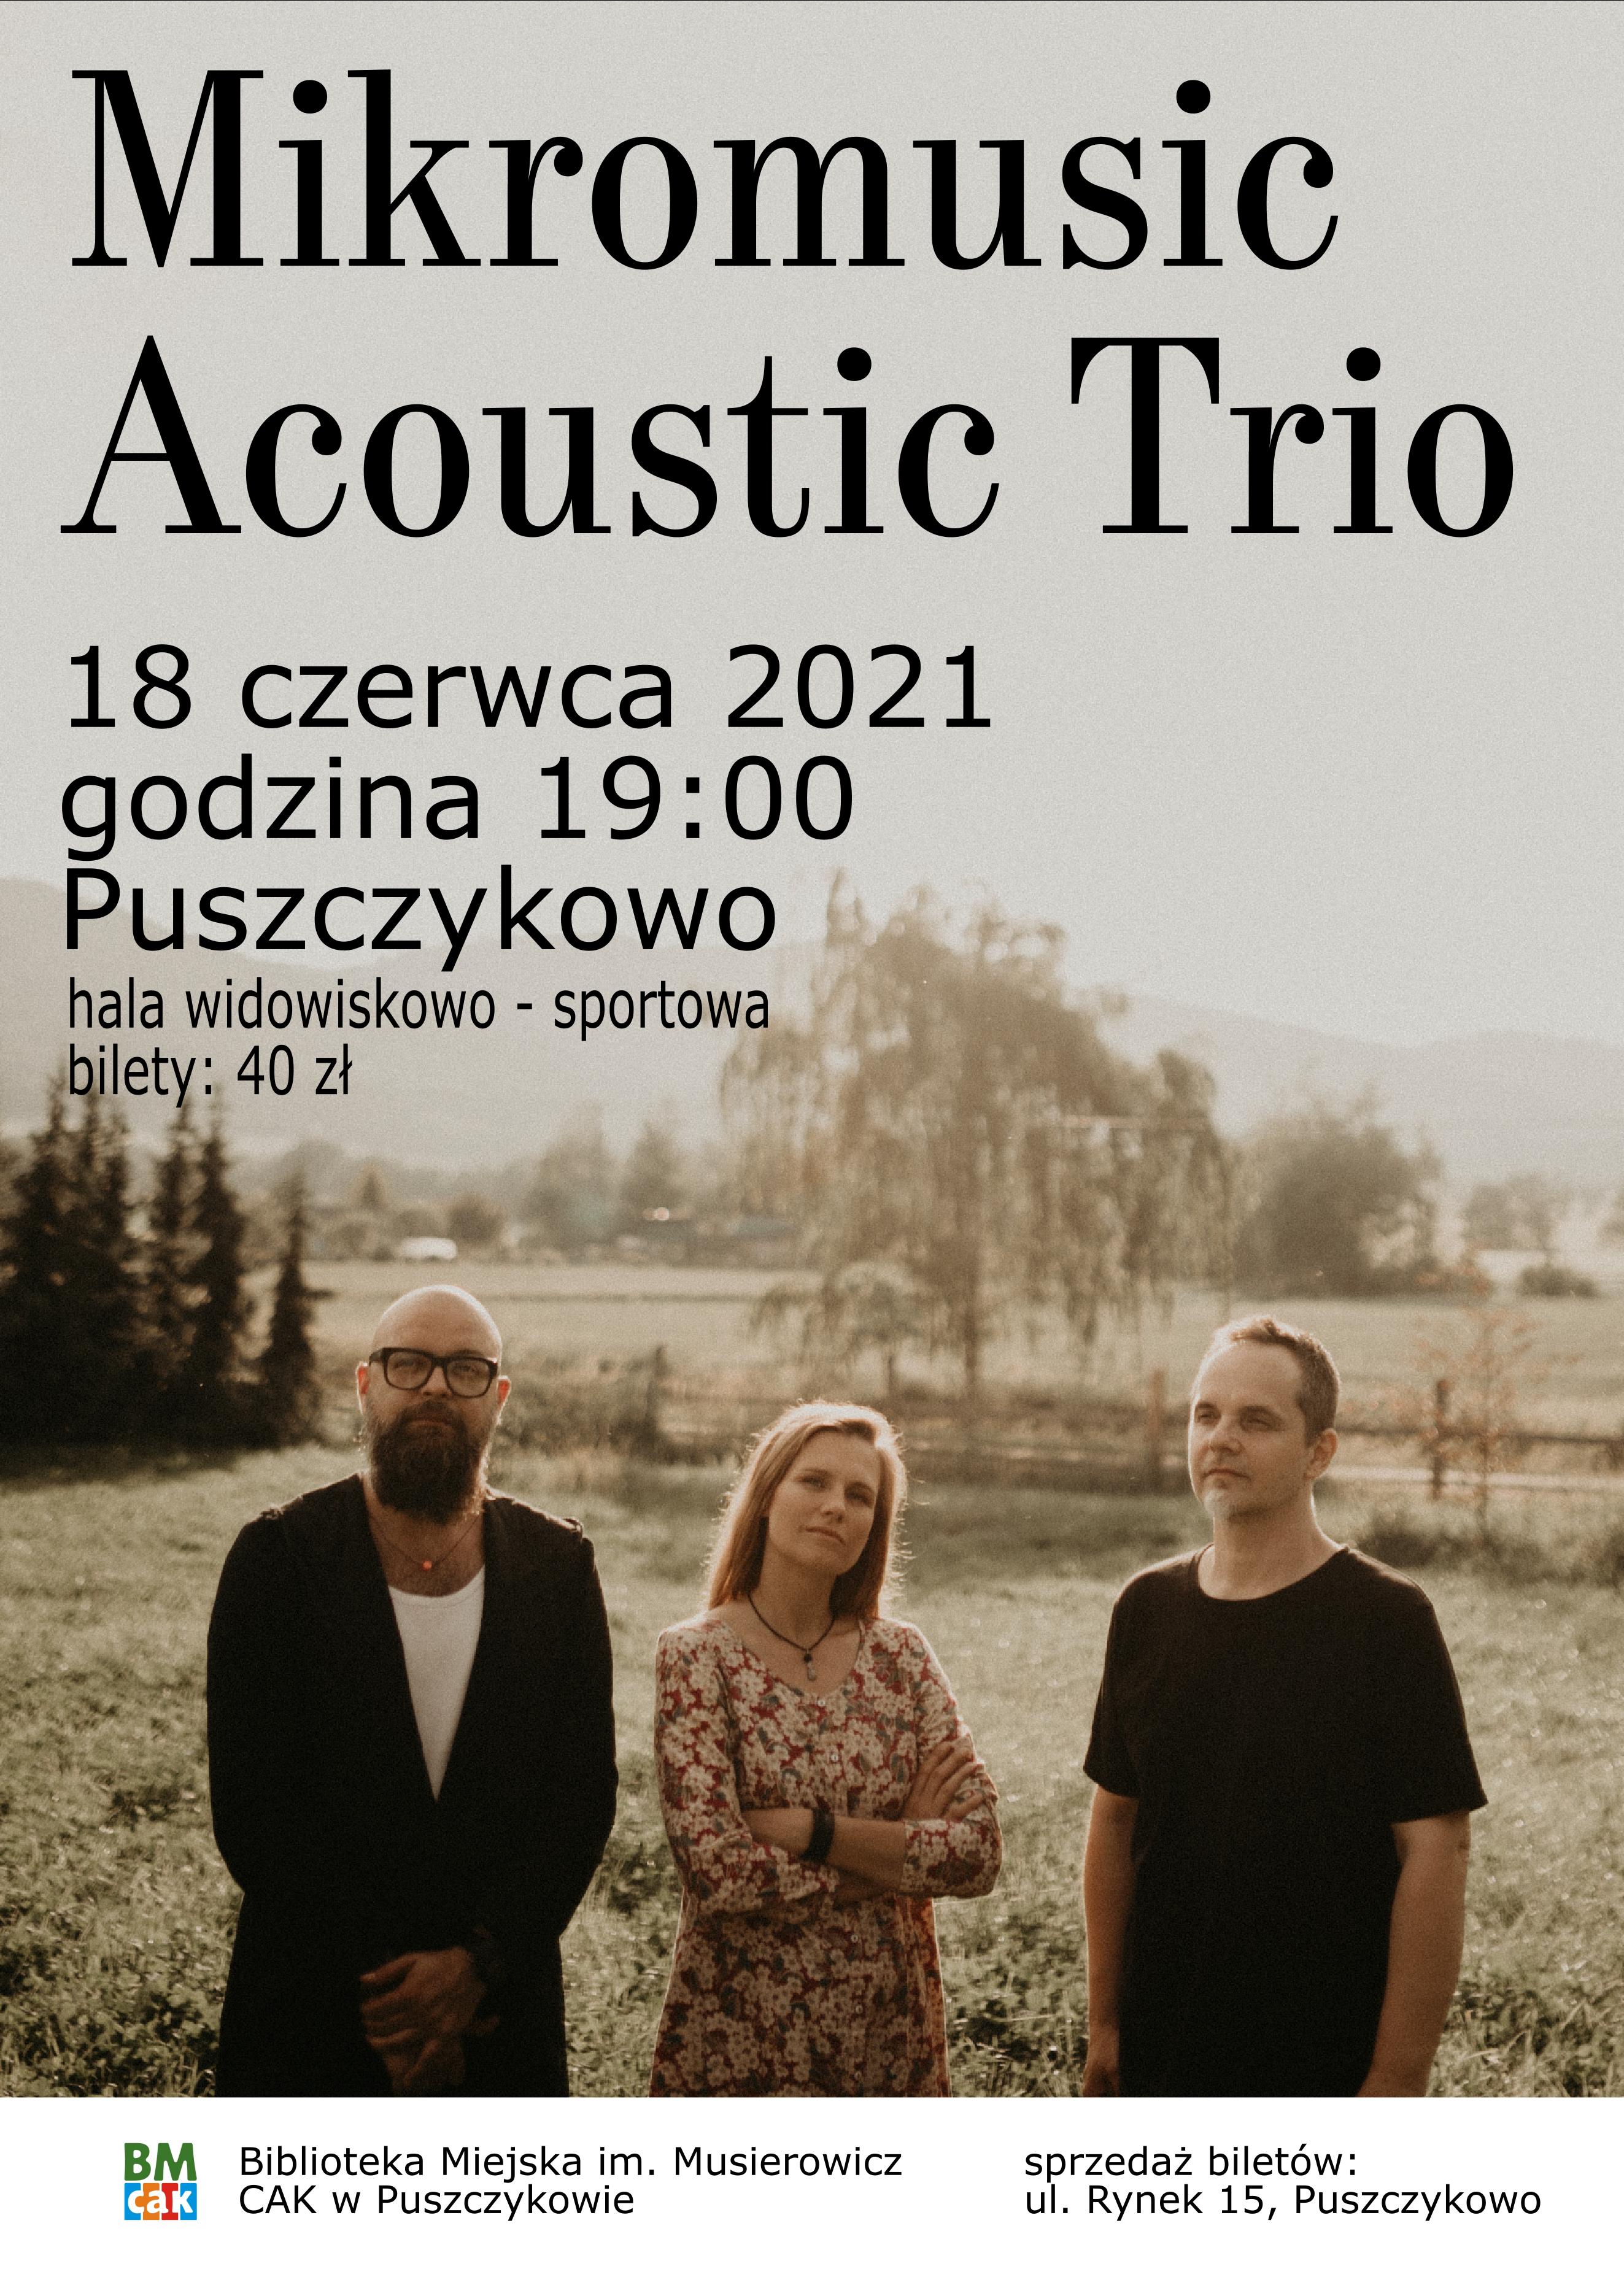 Plakat przedstawia troje muzyków : Natalię Grosiak, Roberta Szydło, Dawida Korbaczyńskiego, na tle łąki i drzew. Plakat jest bardzo nostalgiczny, co oddaje charakter zapowiadanego koncertu